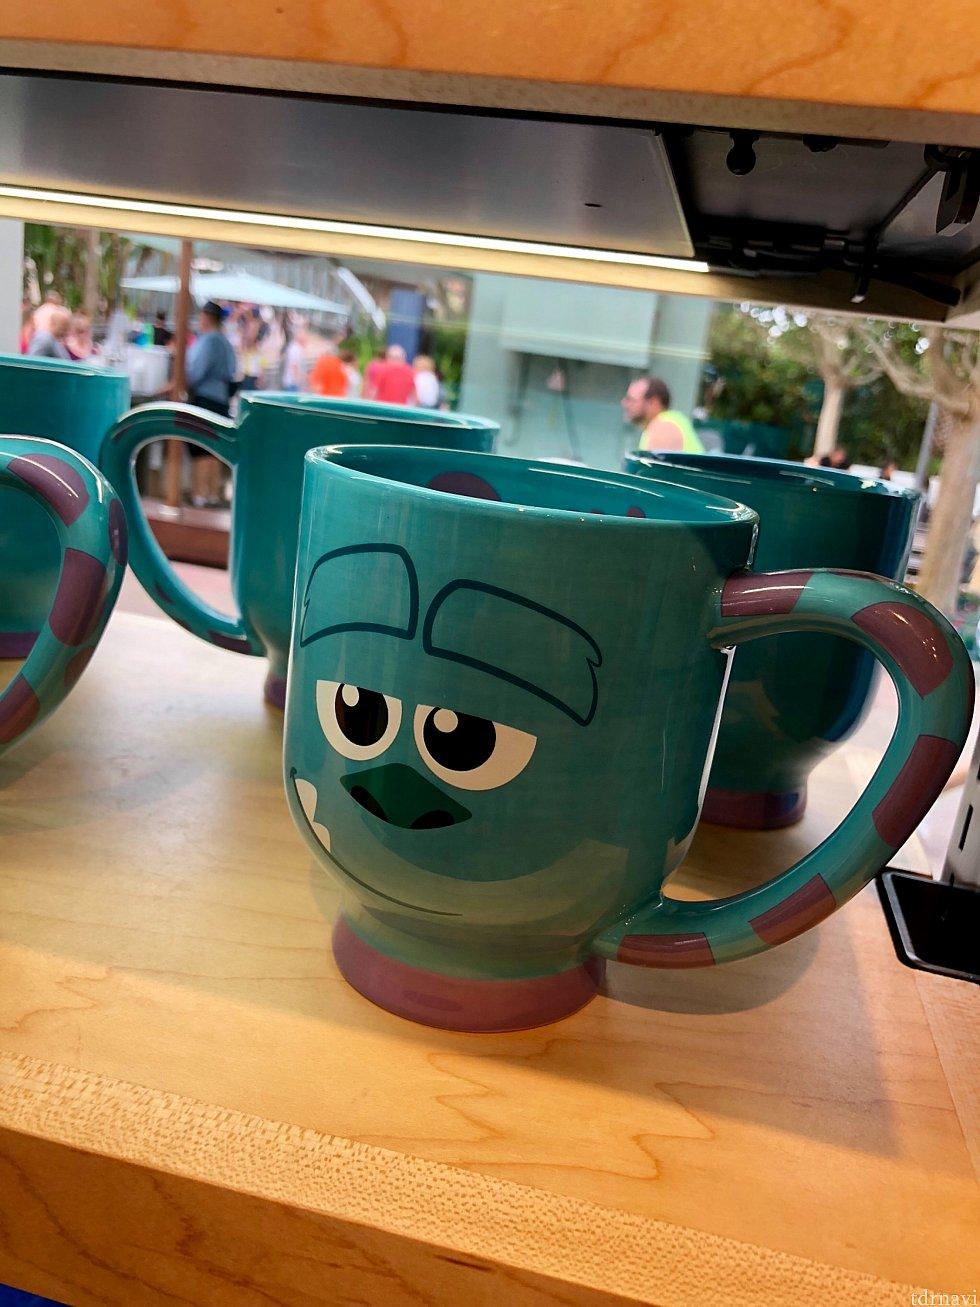 サリーのマグカップは$19.99。サリーの色は綺麗で特徴的なので色々なグッズが揃っています。